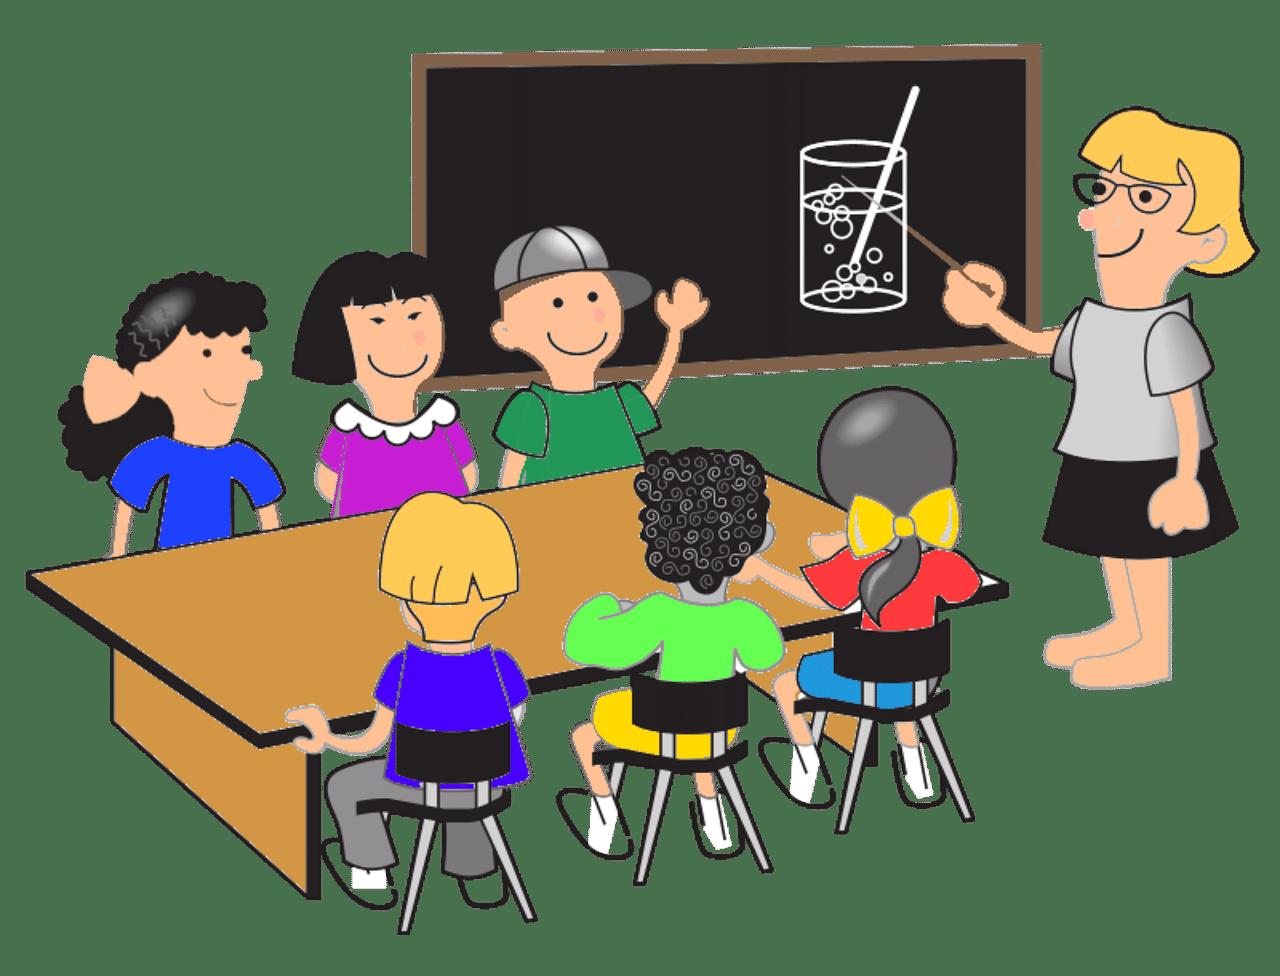 Photo of Ostruzione vie aeree: scuole e genitori per la sicurezza dei bambini a tavola